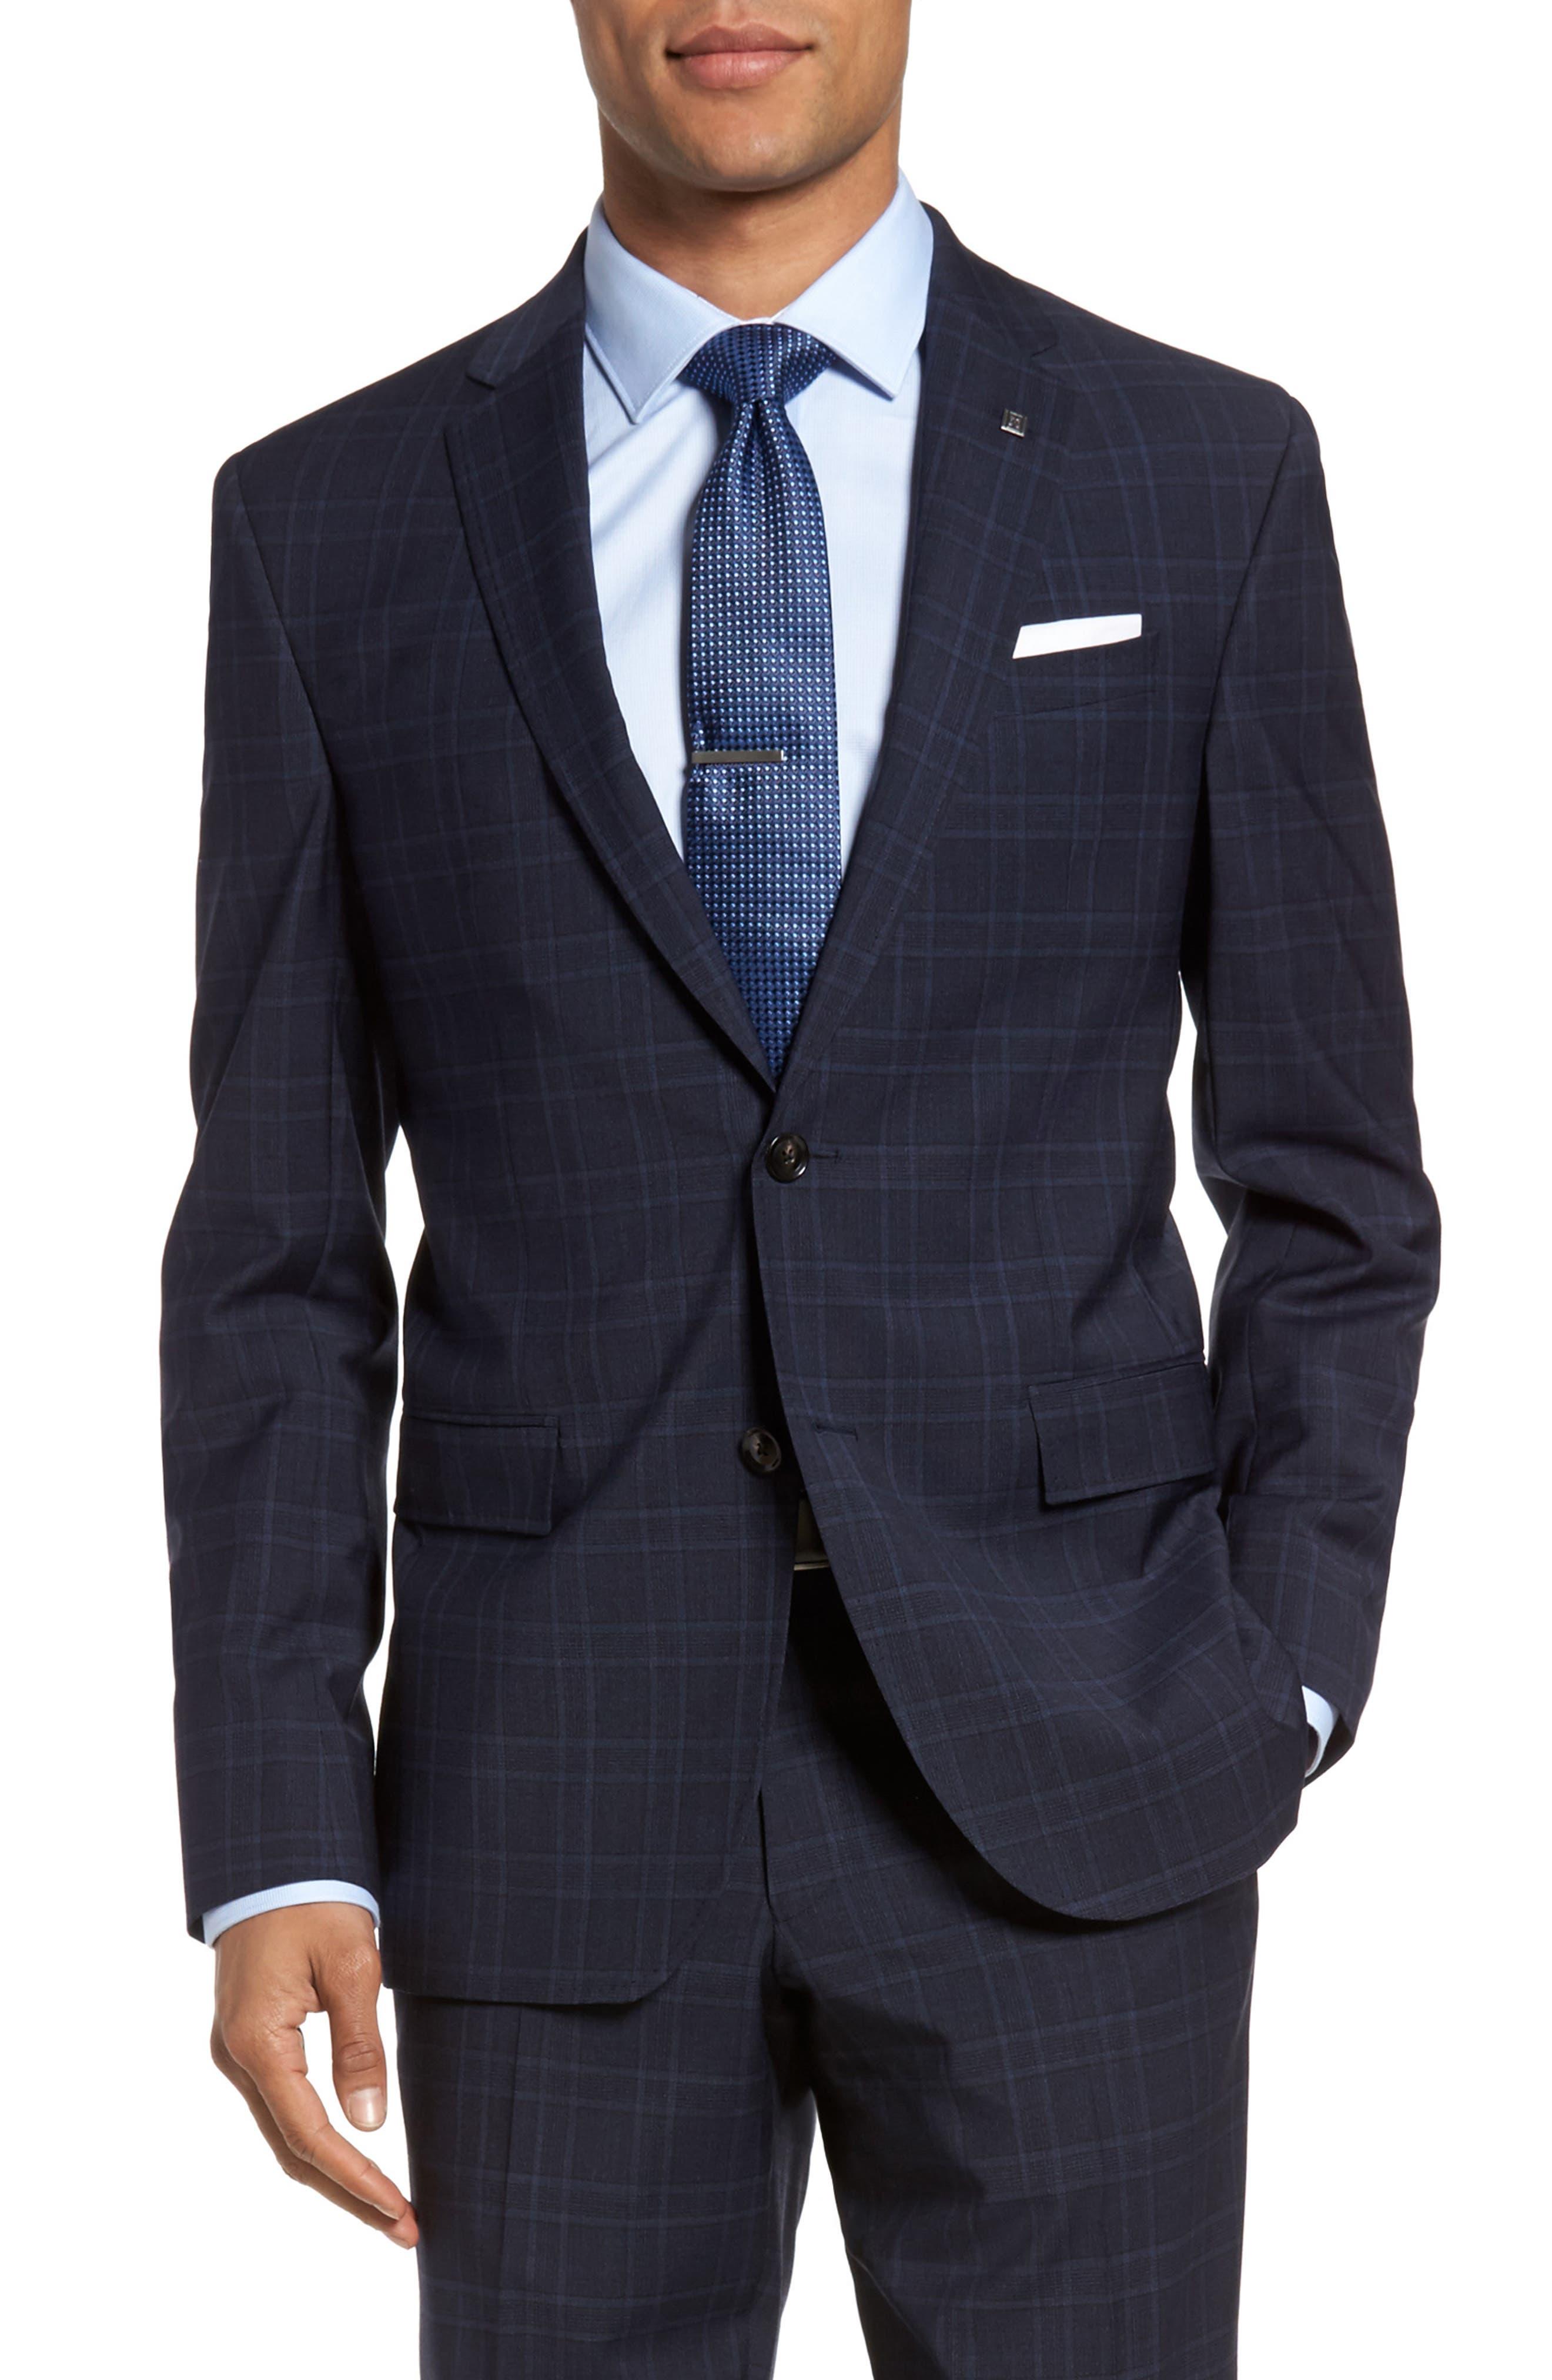 Jay Trim Fit Plaid Wool Suit,                             Alternate thumbnail 5, color,                             400